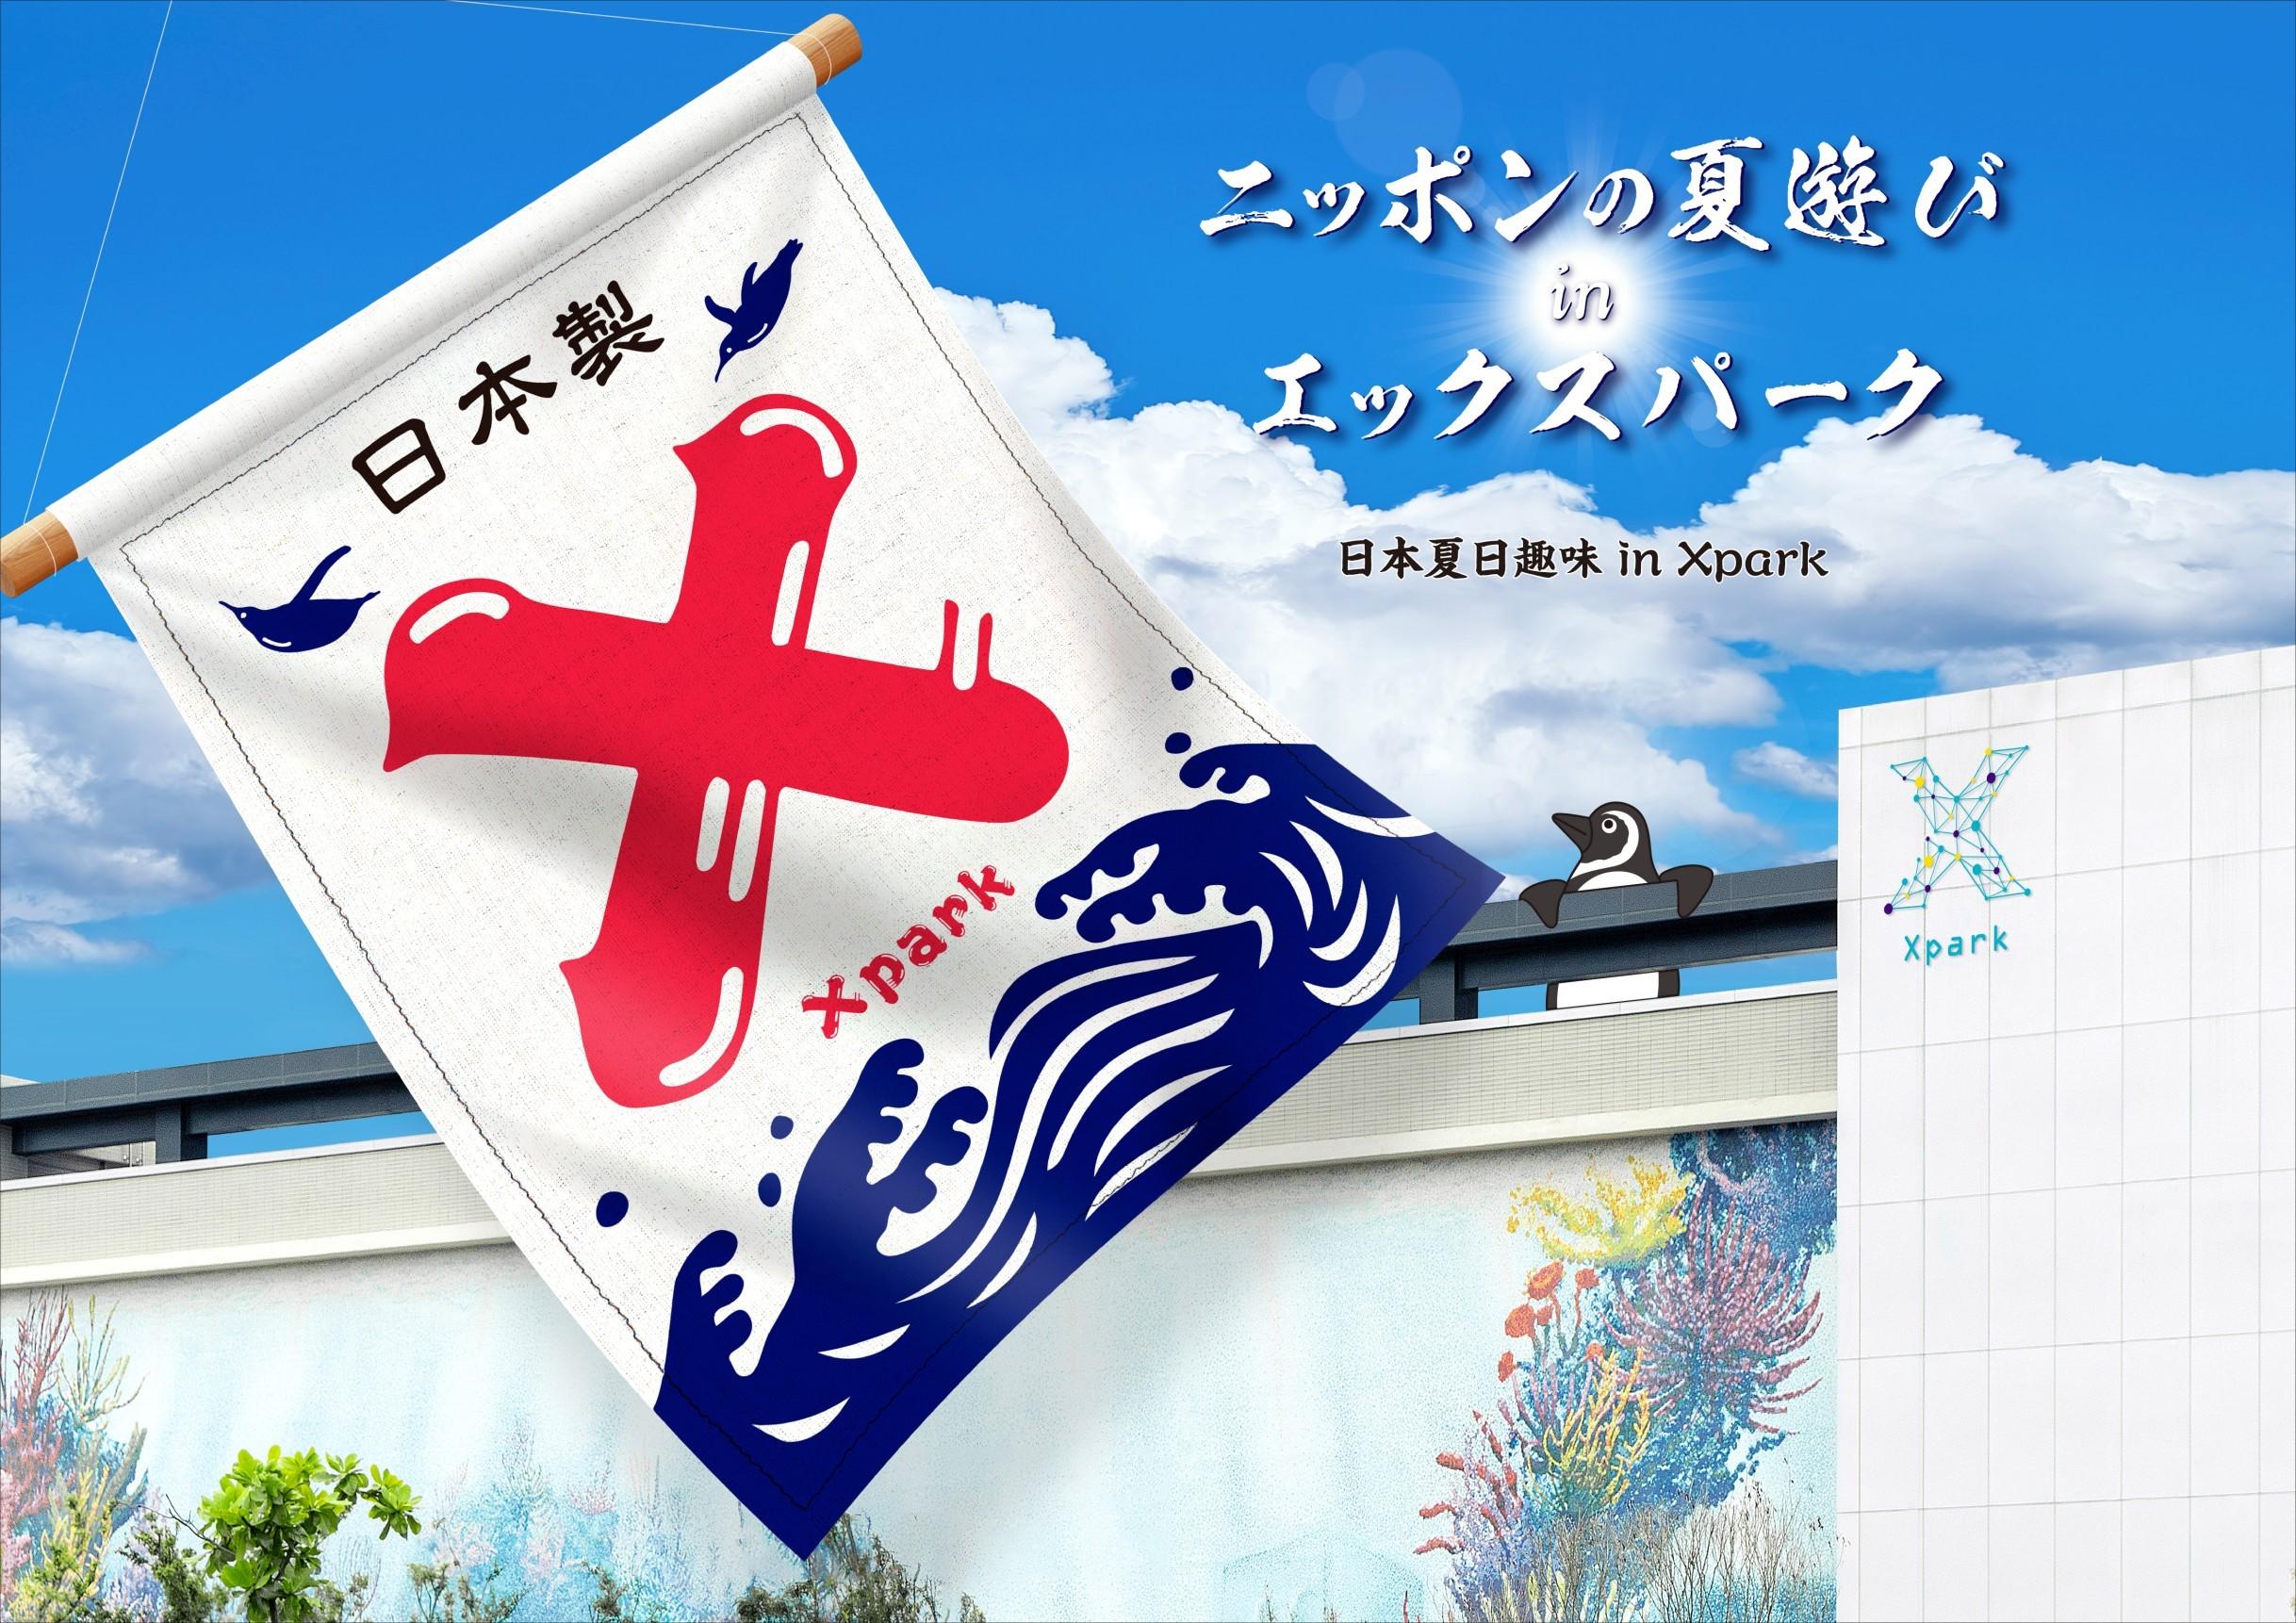 Xpark提供了水族館夏季遊憩方案及體驗日本夏季的各類活動,讓您一秒到日本!